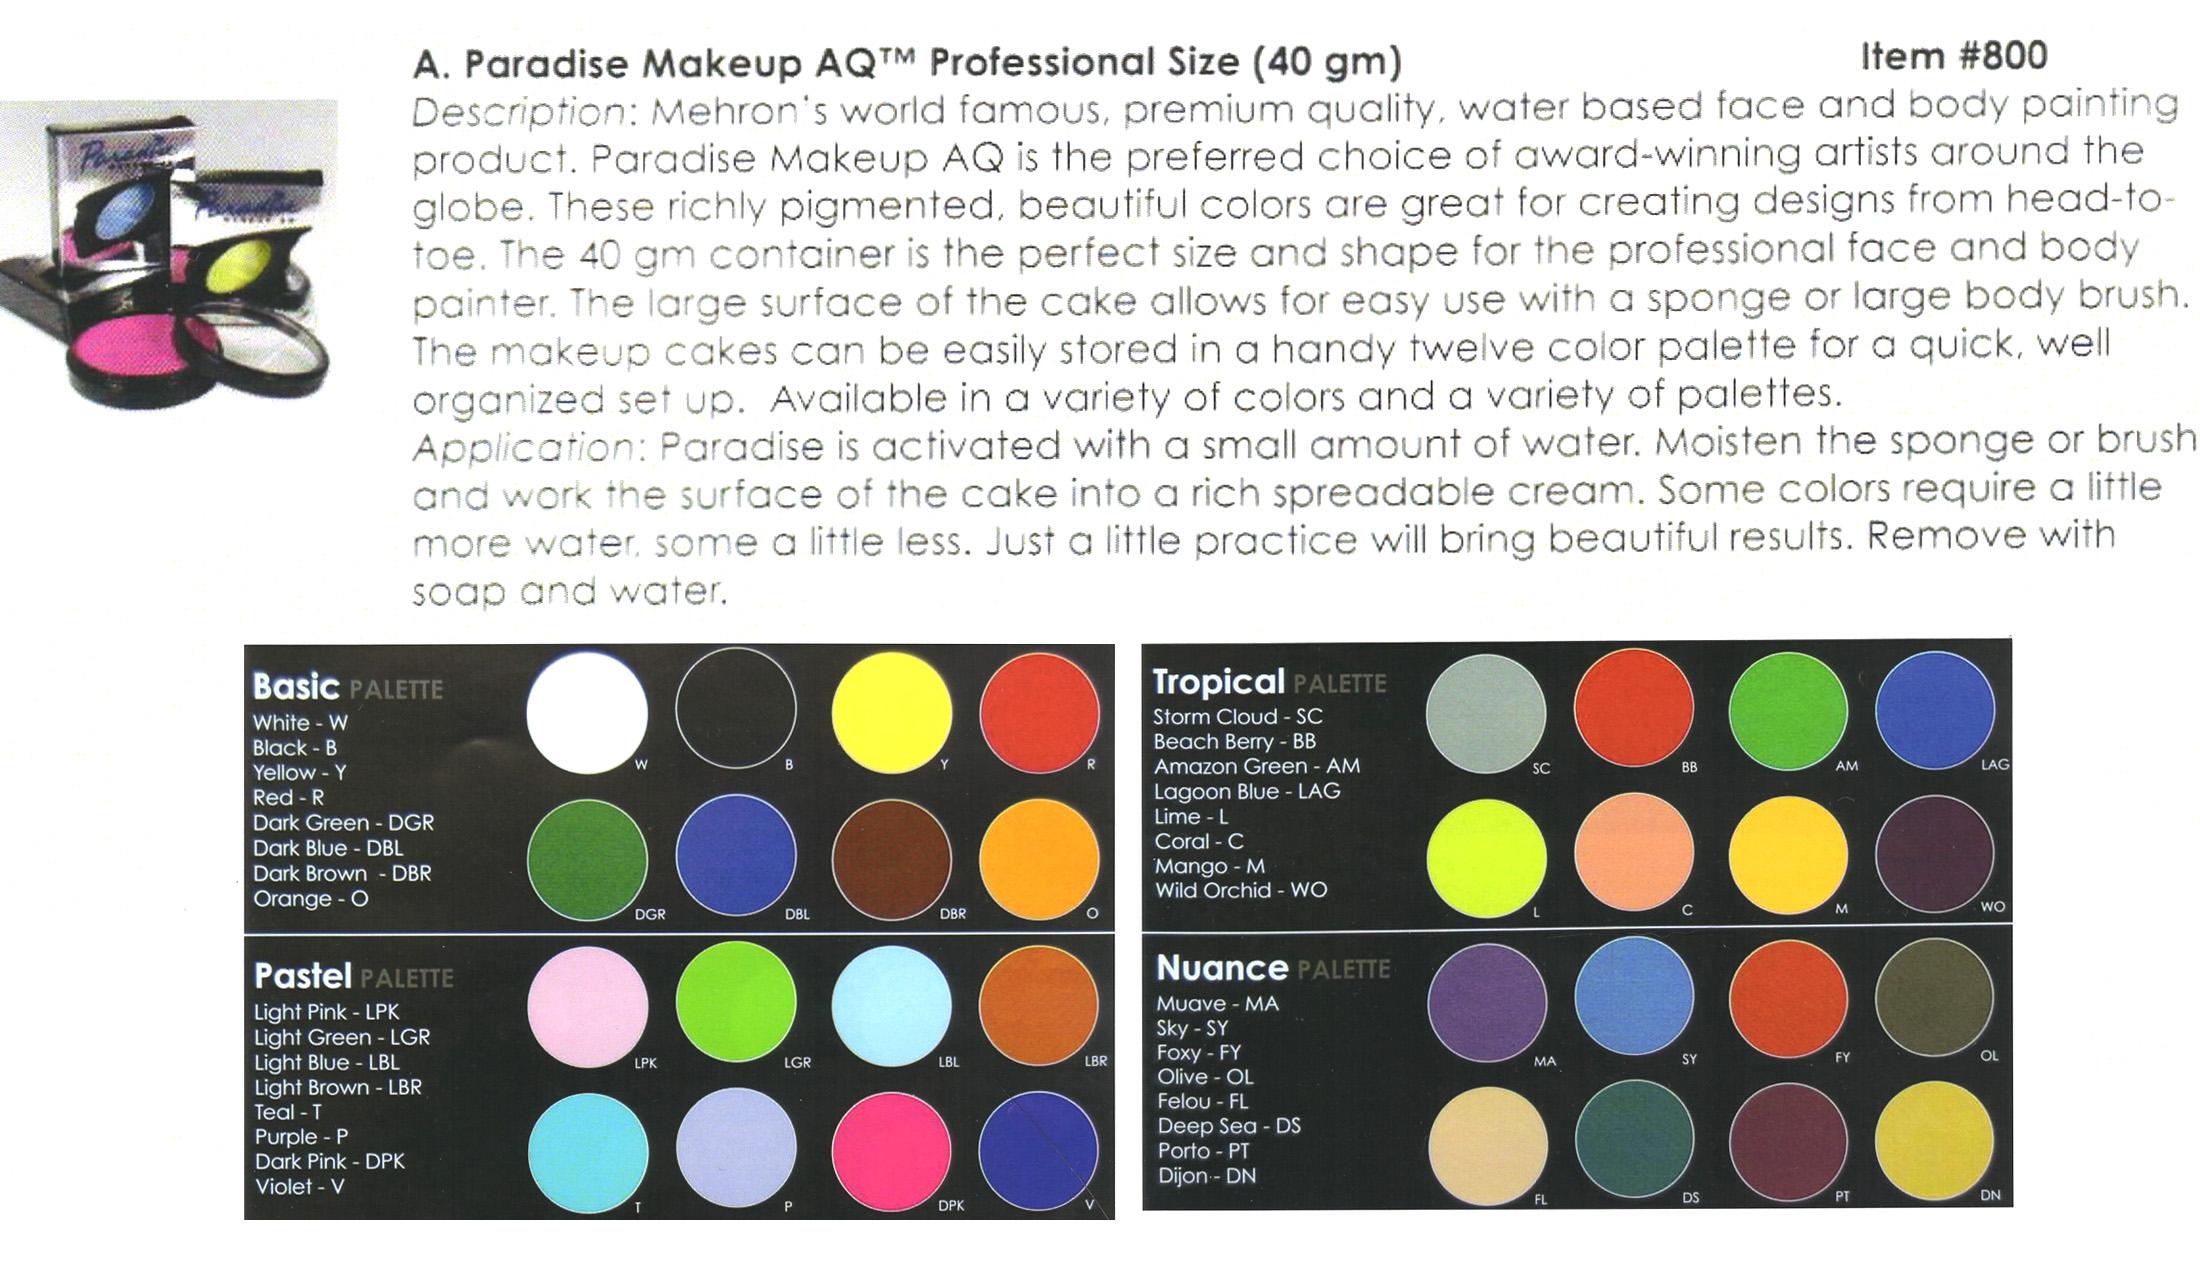 Mehron - Paradise Makeup AQ